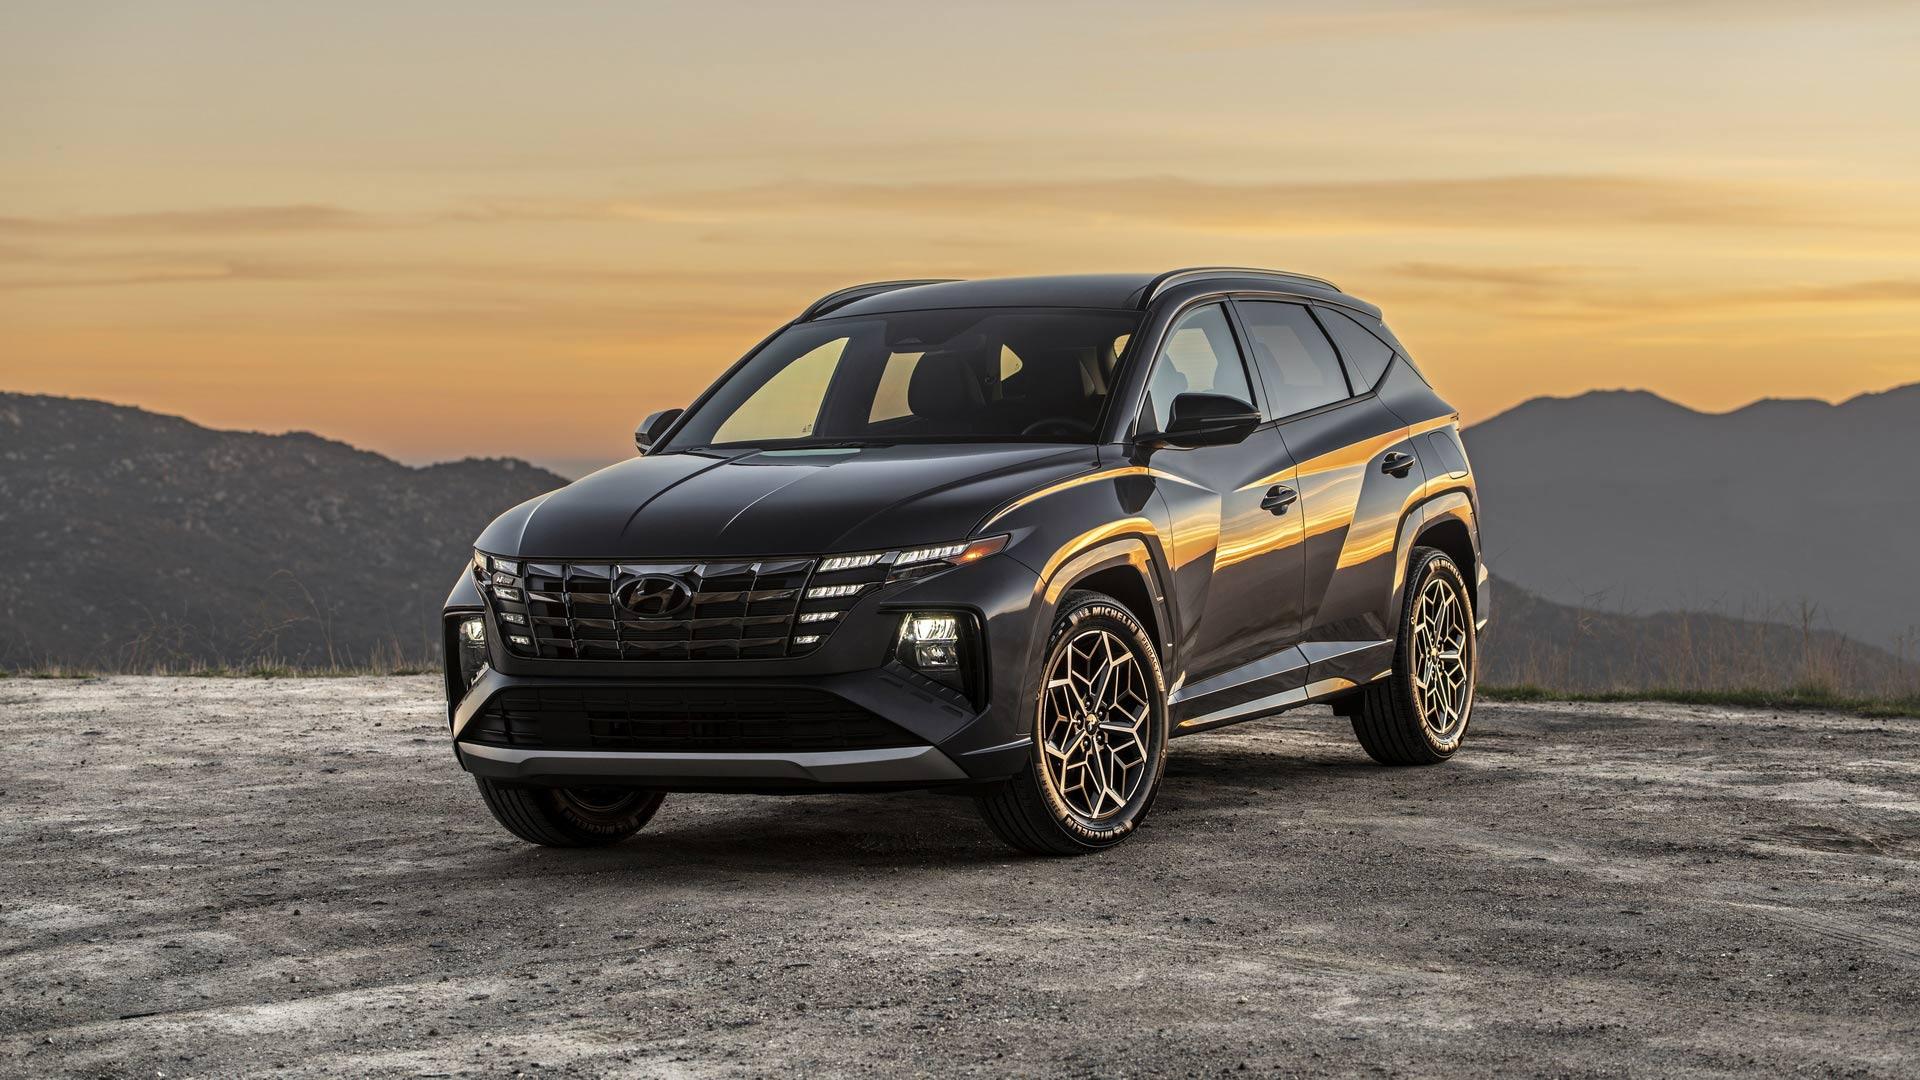 Tucson cực hút khách giúp Hyundai đạt kỷ lục doanh số tháng 4